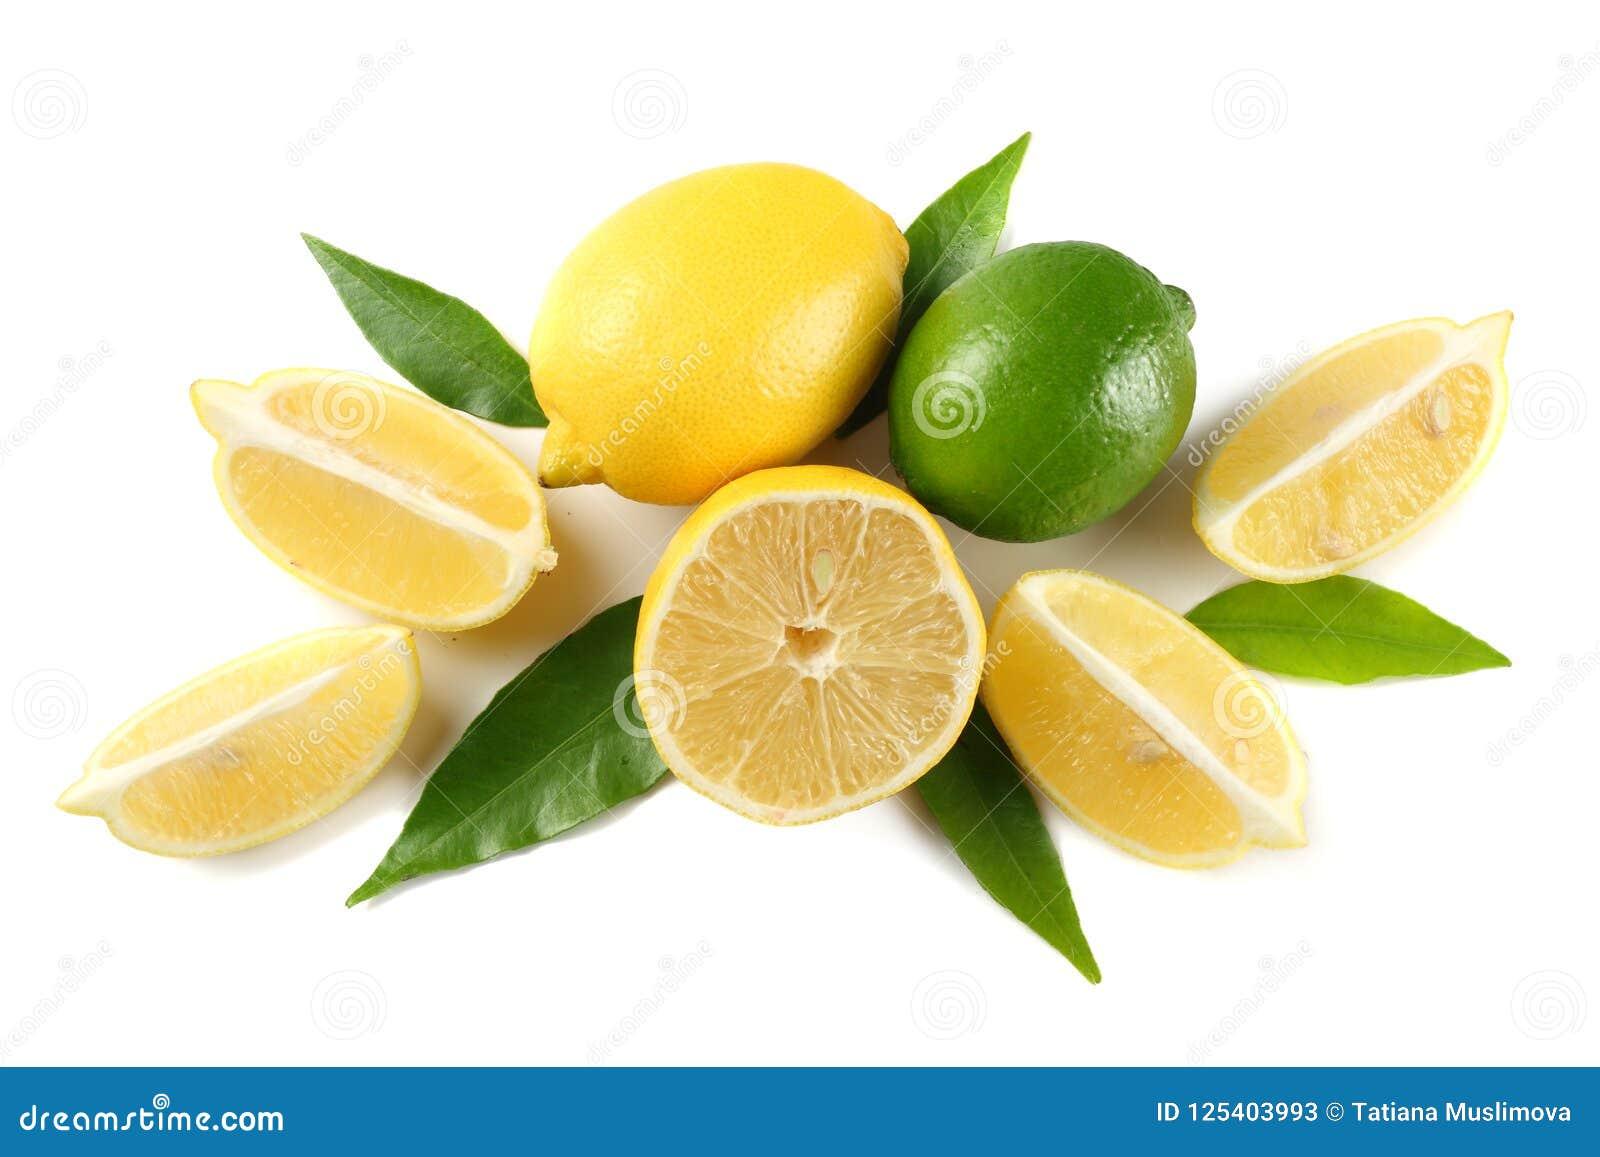 Alimento sano limón y cal con la hoja verde aislada en la opinión superior del fondo blanco